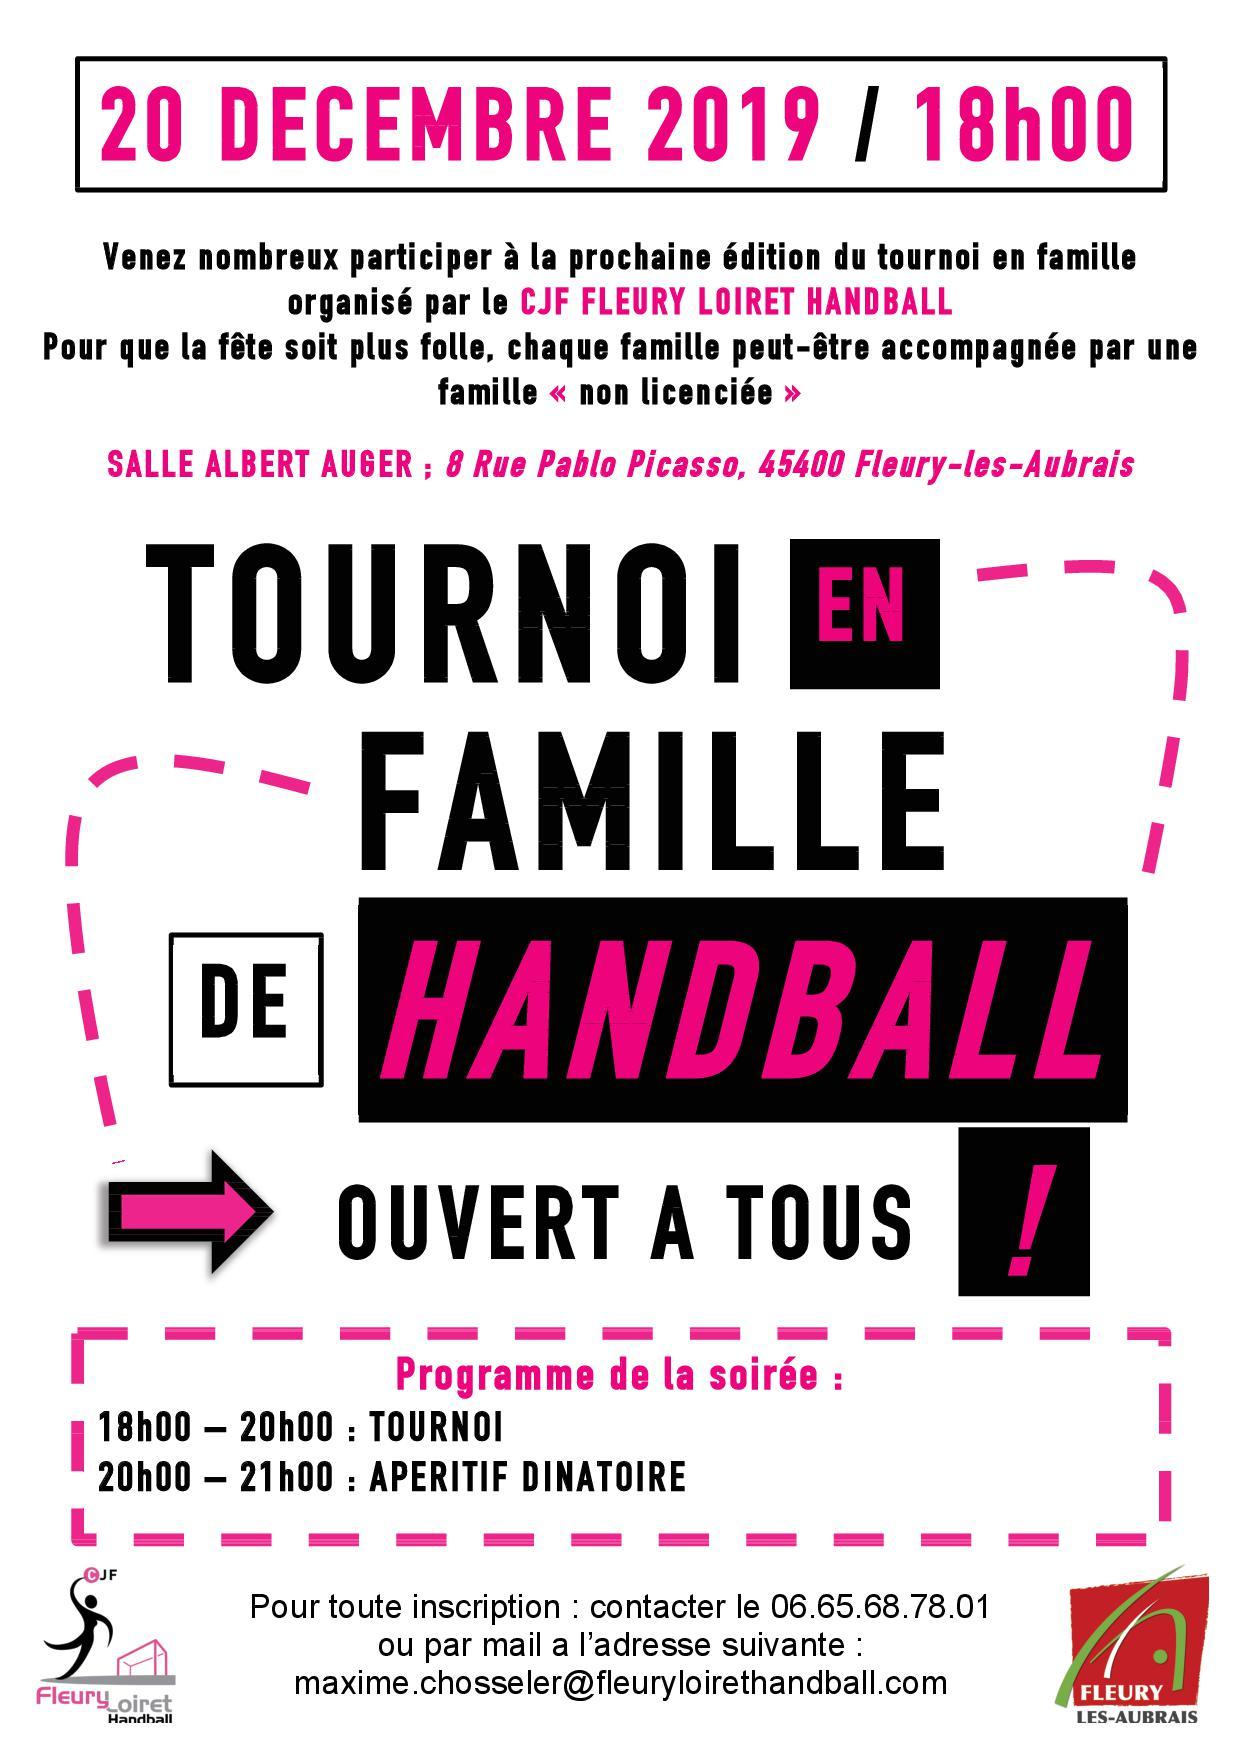 TournoiFamille2019CJFFLHB.jpg